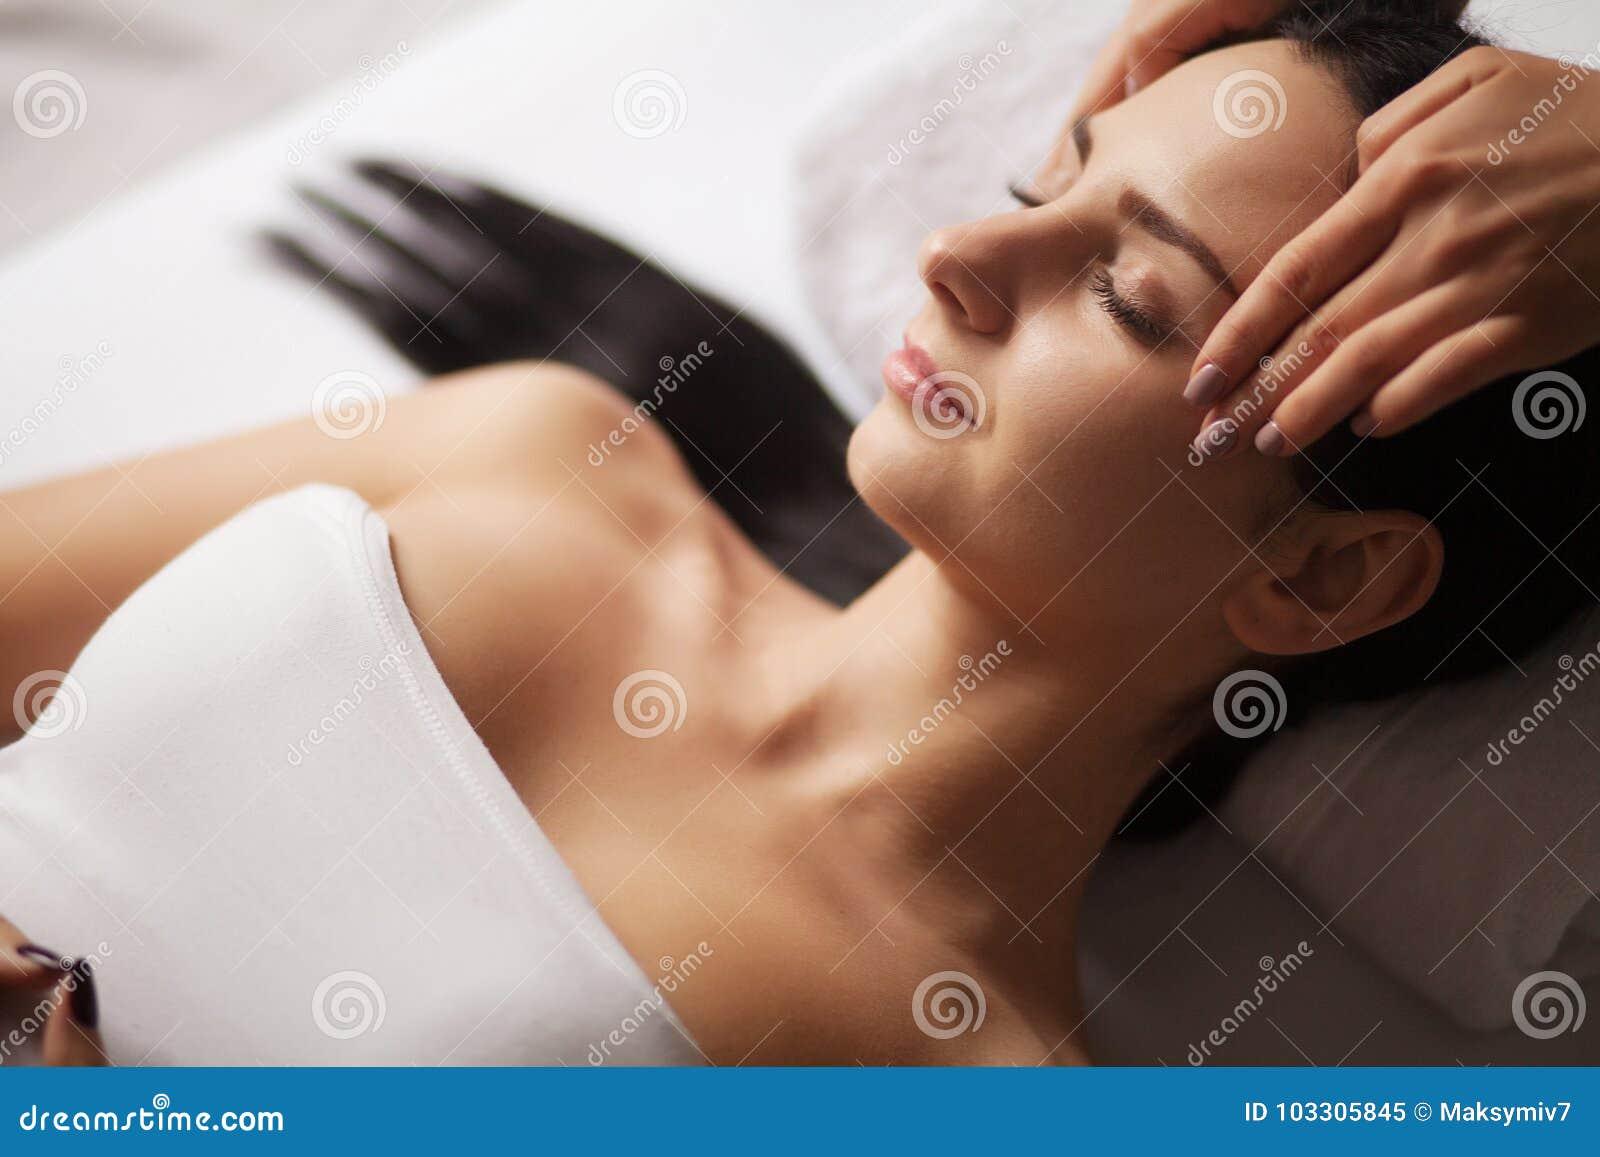 温泉面孔按摩 面部治疗 温泉沙龙 疗法